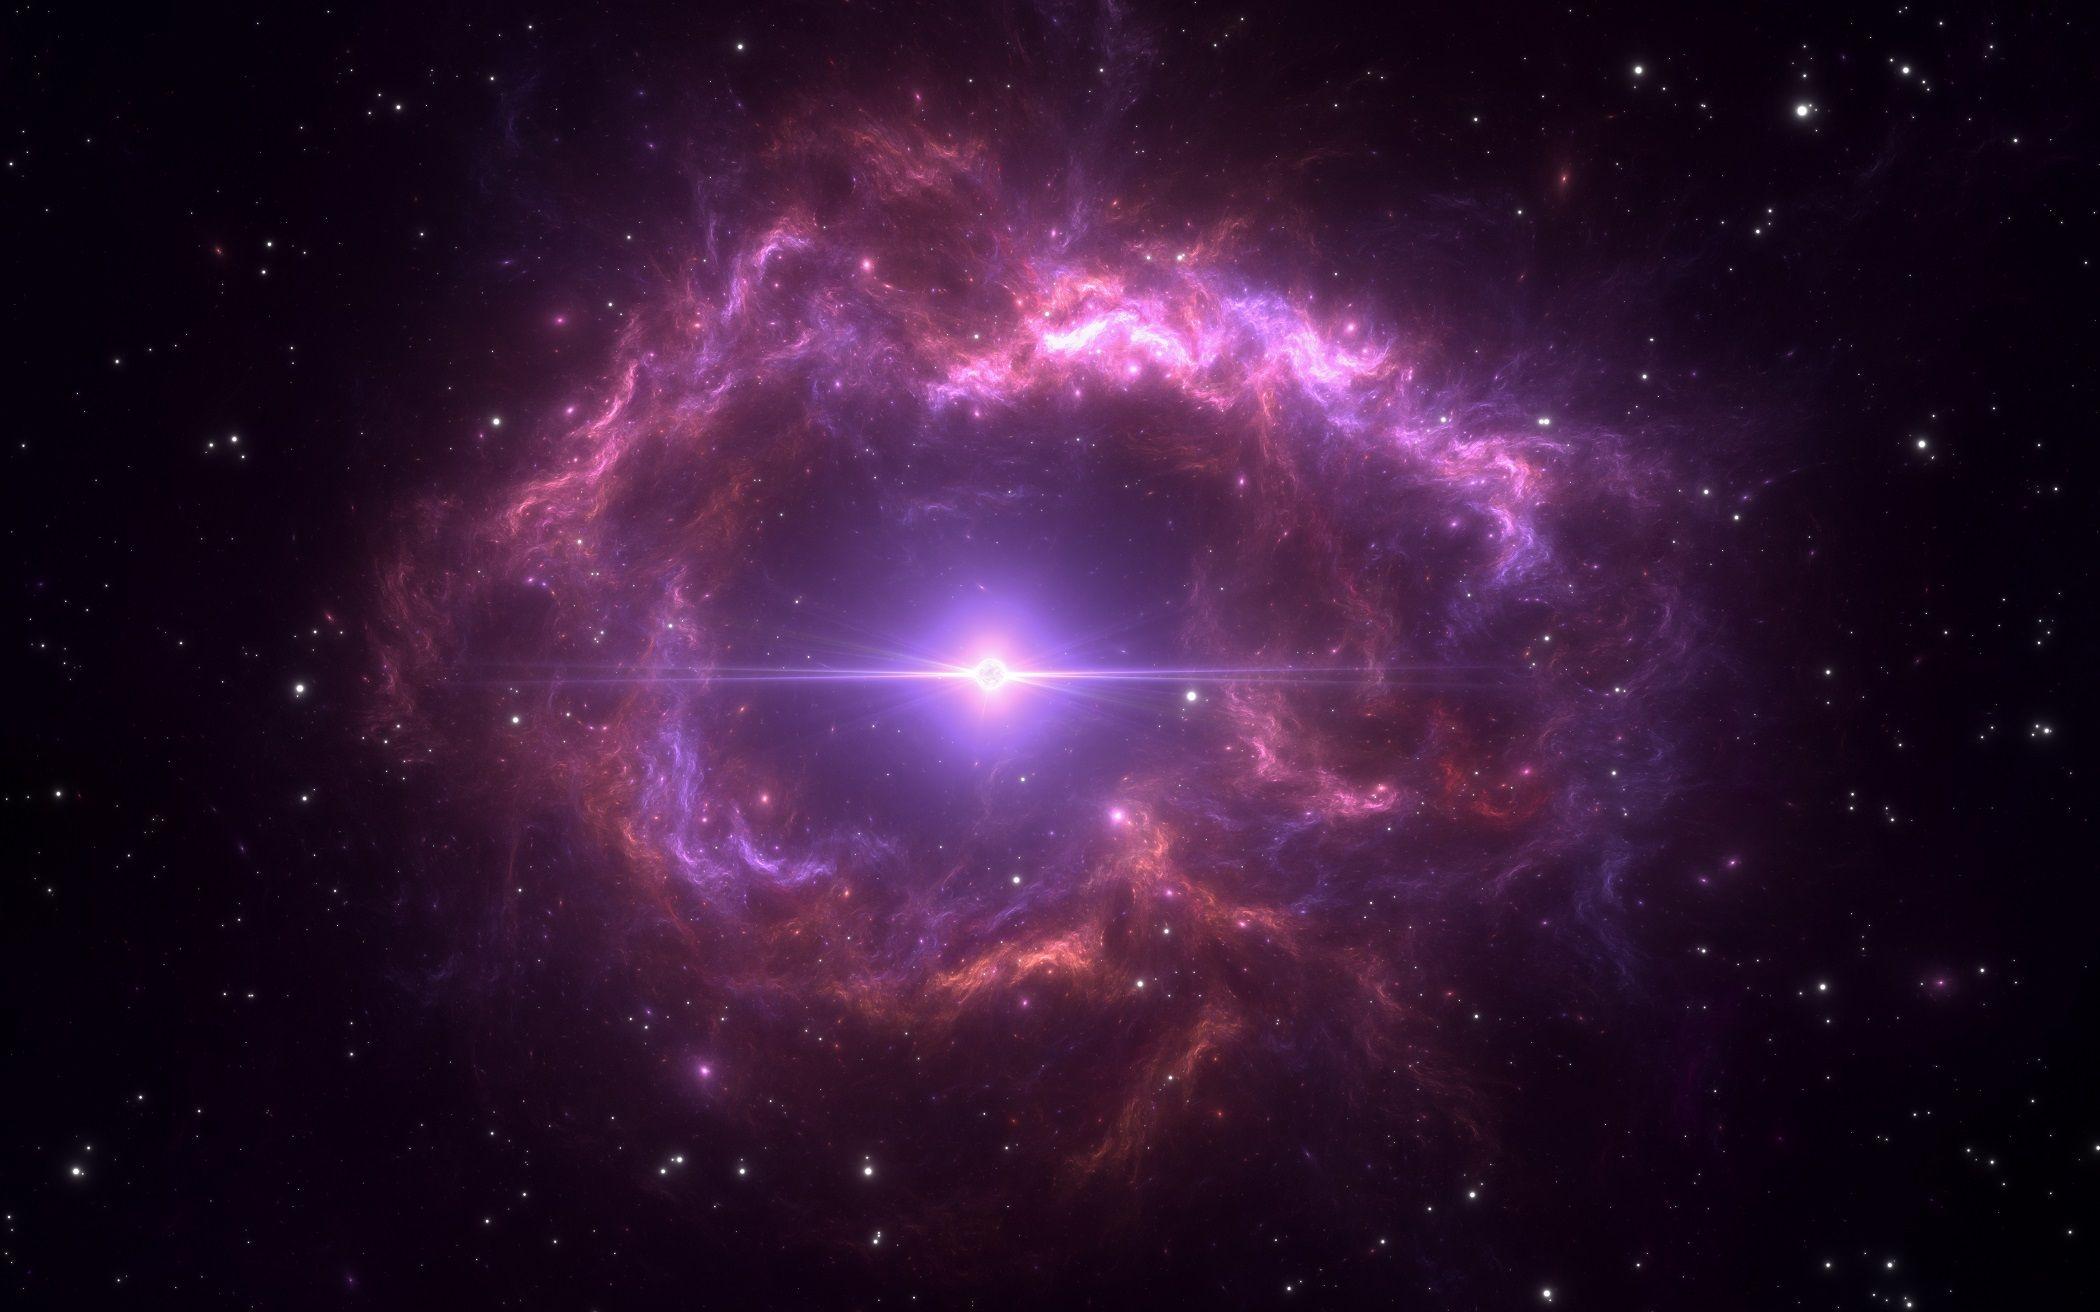 黑矮星爆炸:死寂宇宙中最後的煙火